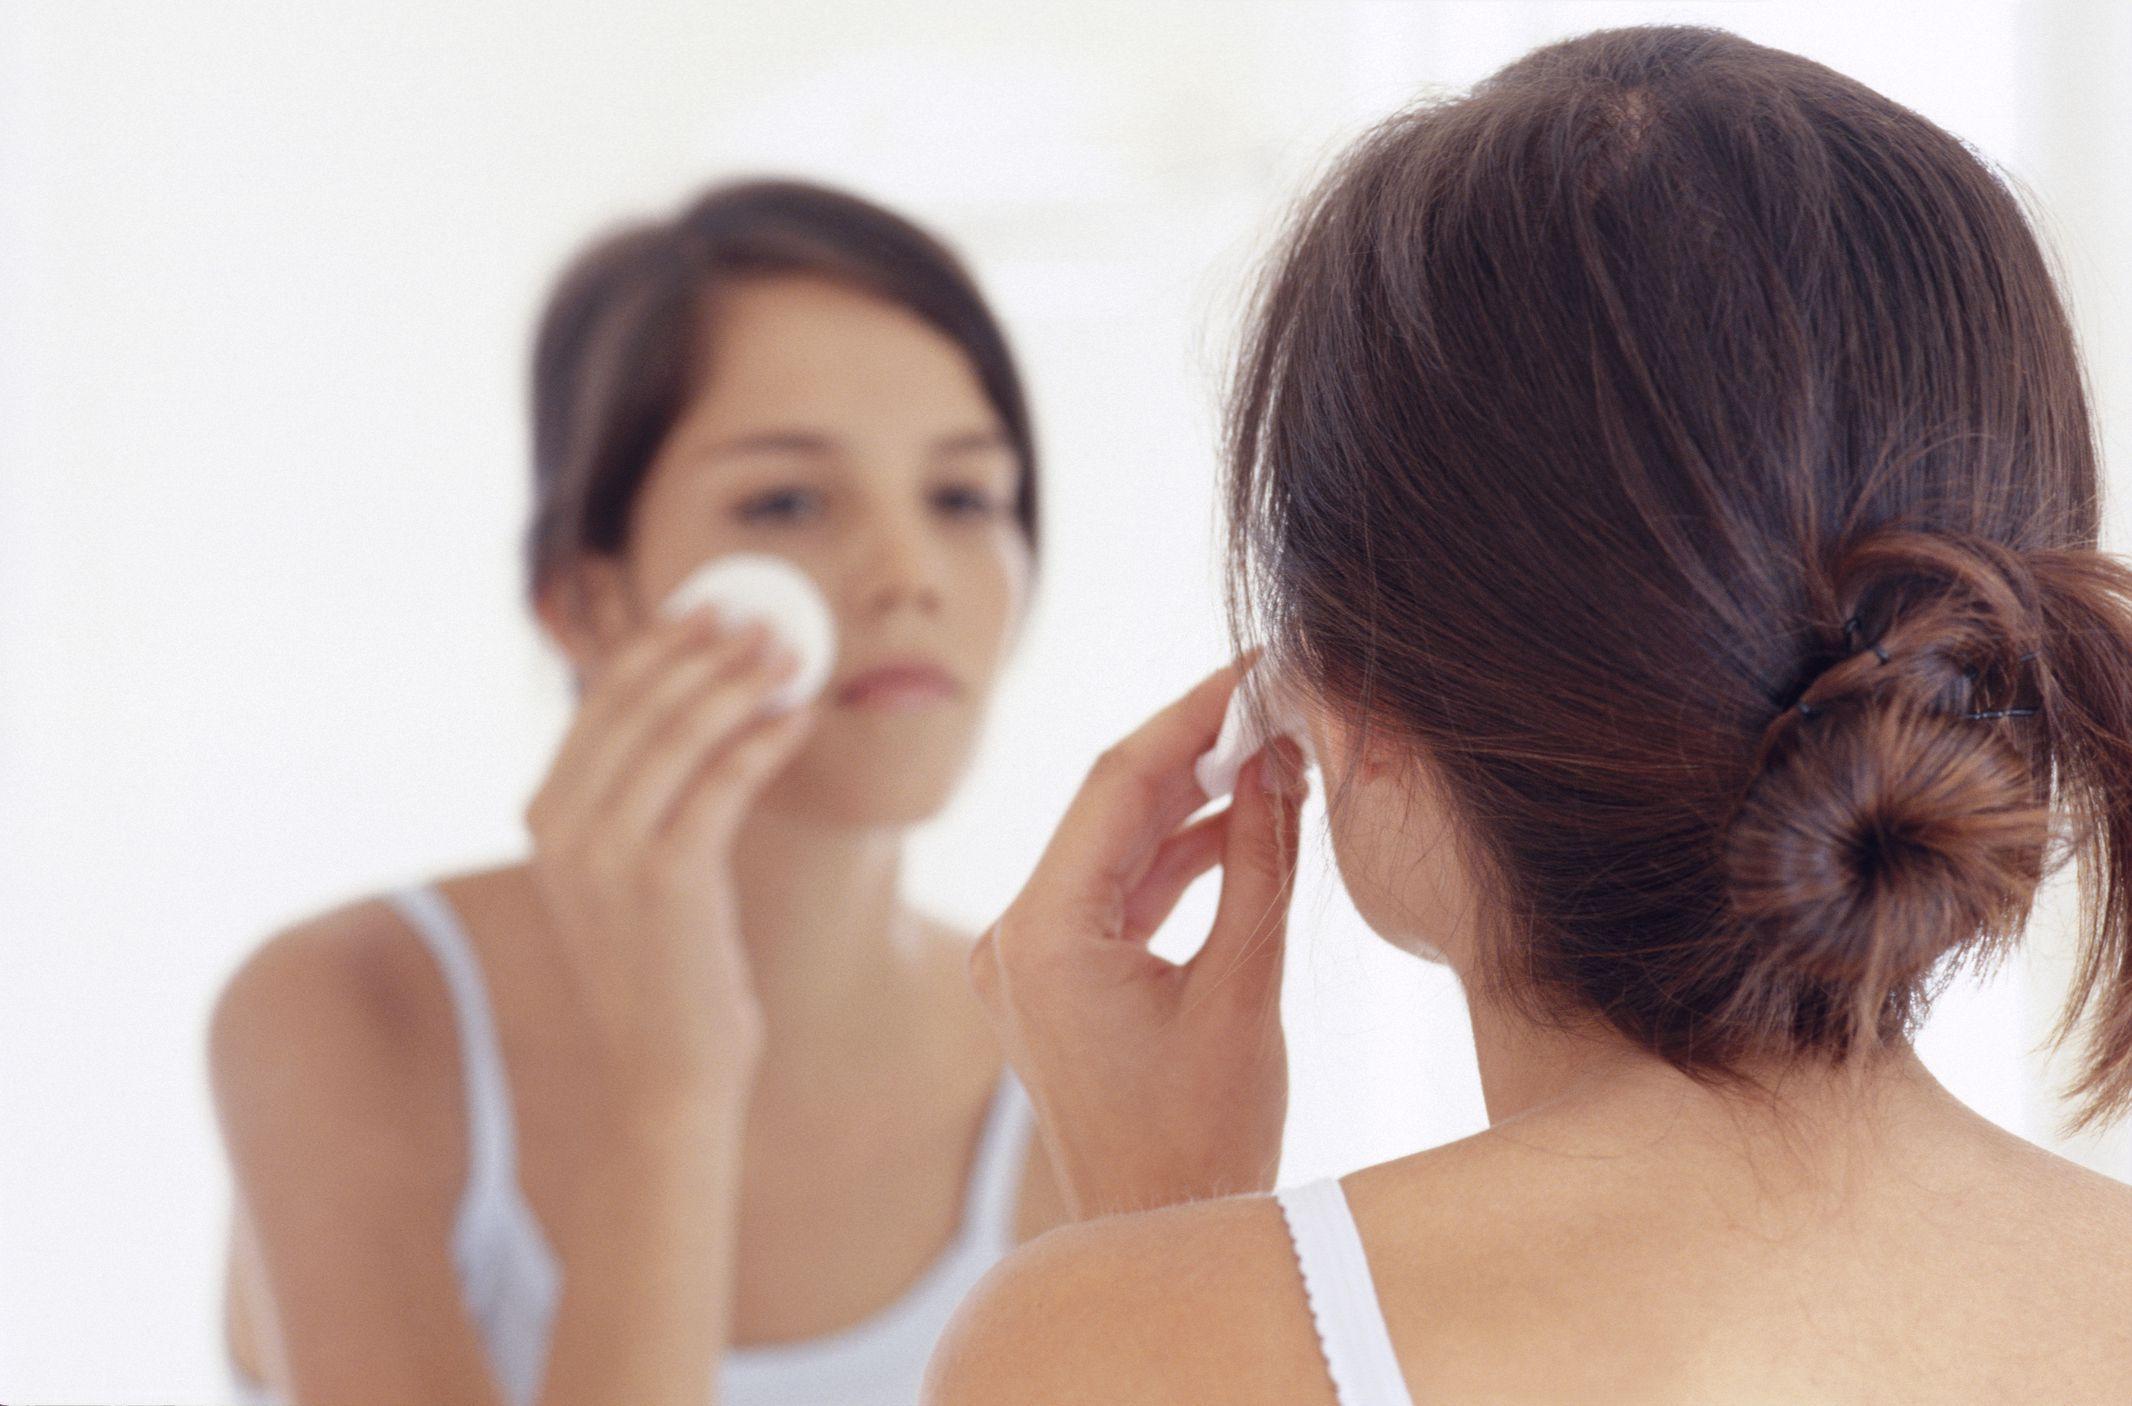 Тестостерон у женщин: норма, причины отклонения от нормы